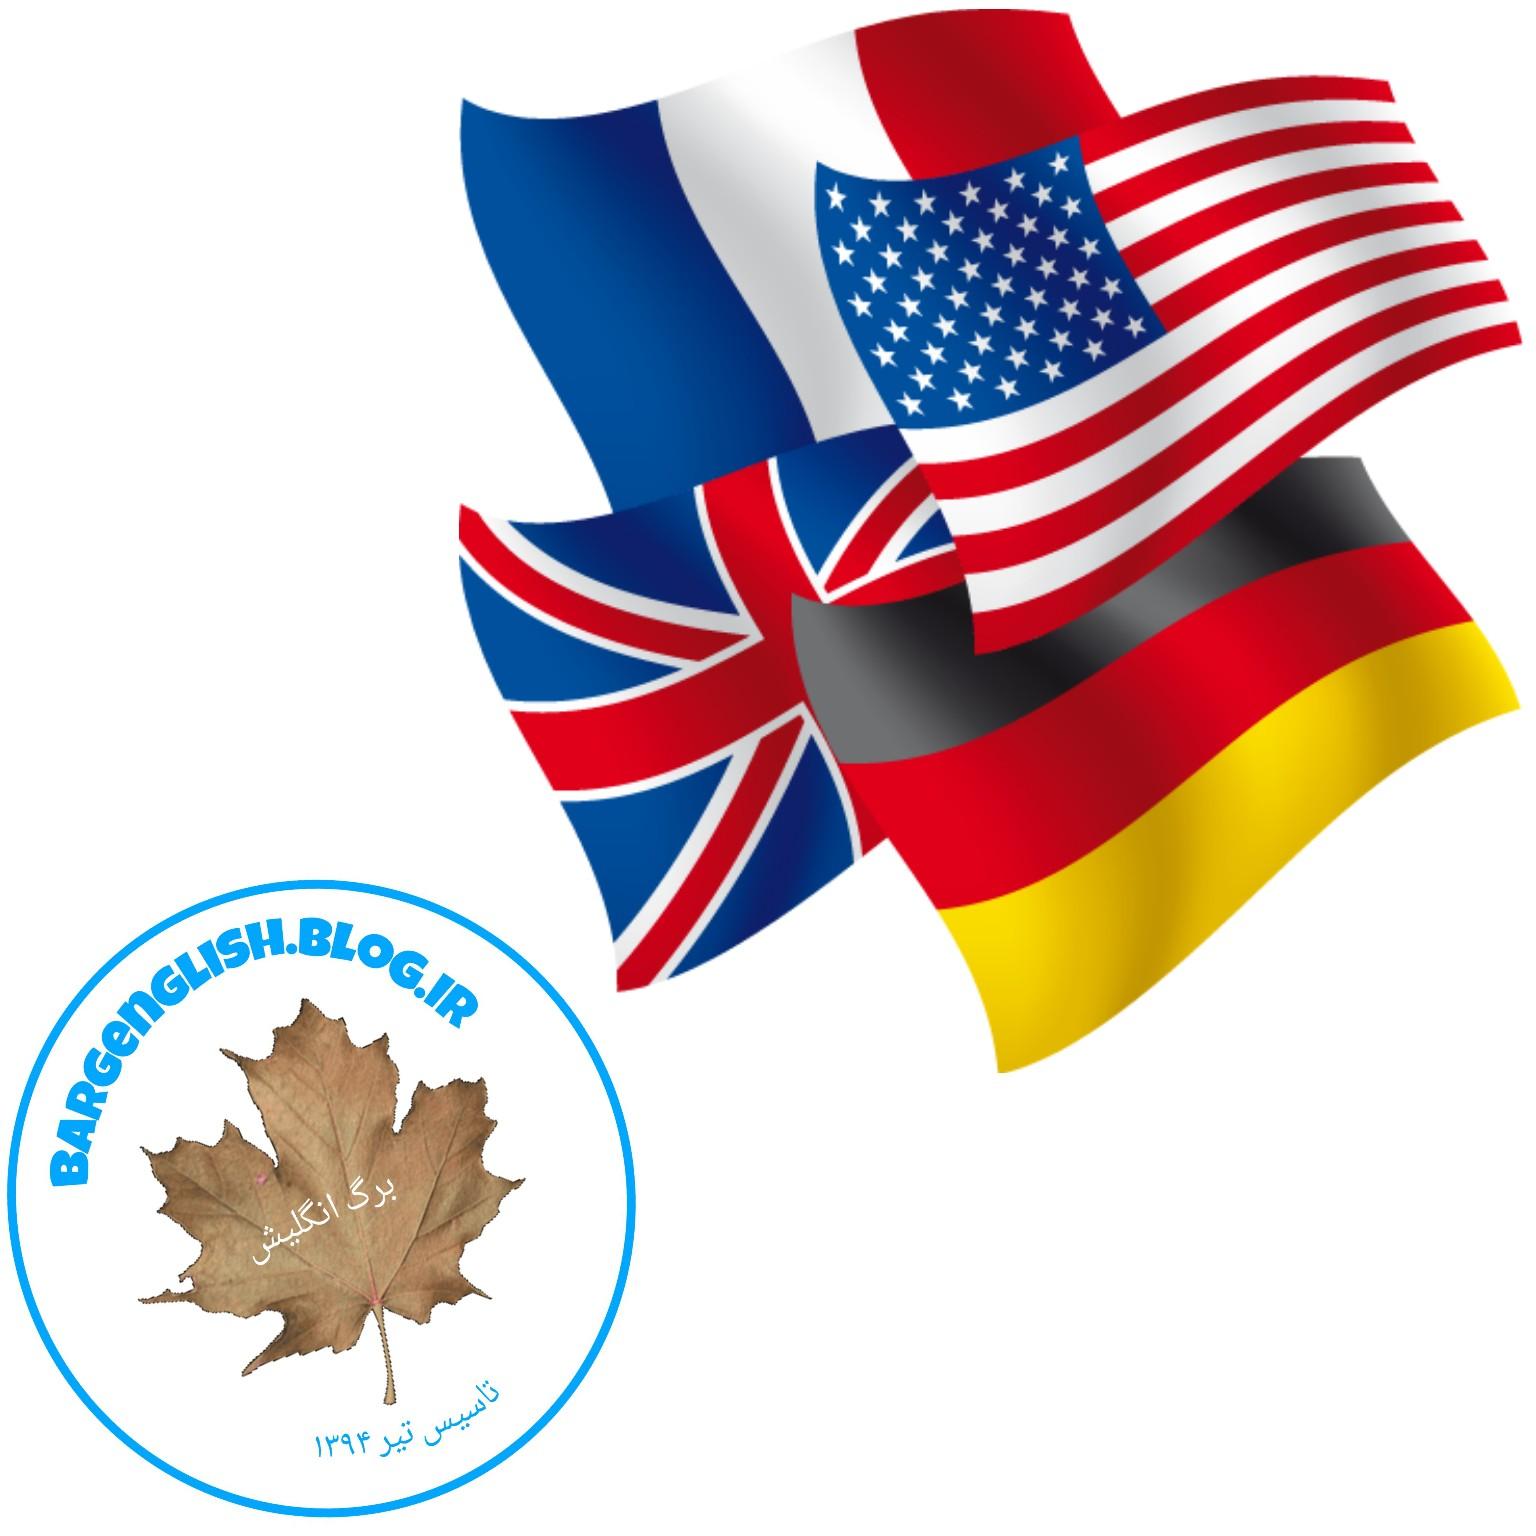 دانلود اموزش زبان به دو زبان دنیا کلمه سلام اپلیکیشن آموزش انگلیسی :: برگ انگلیش